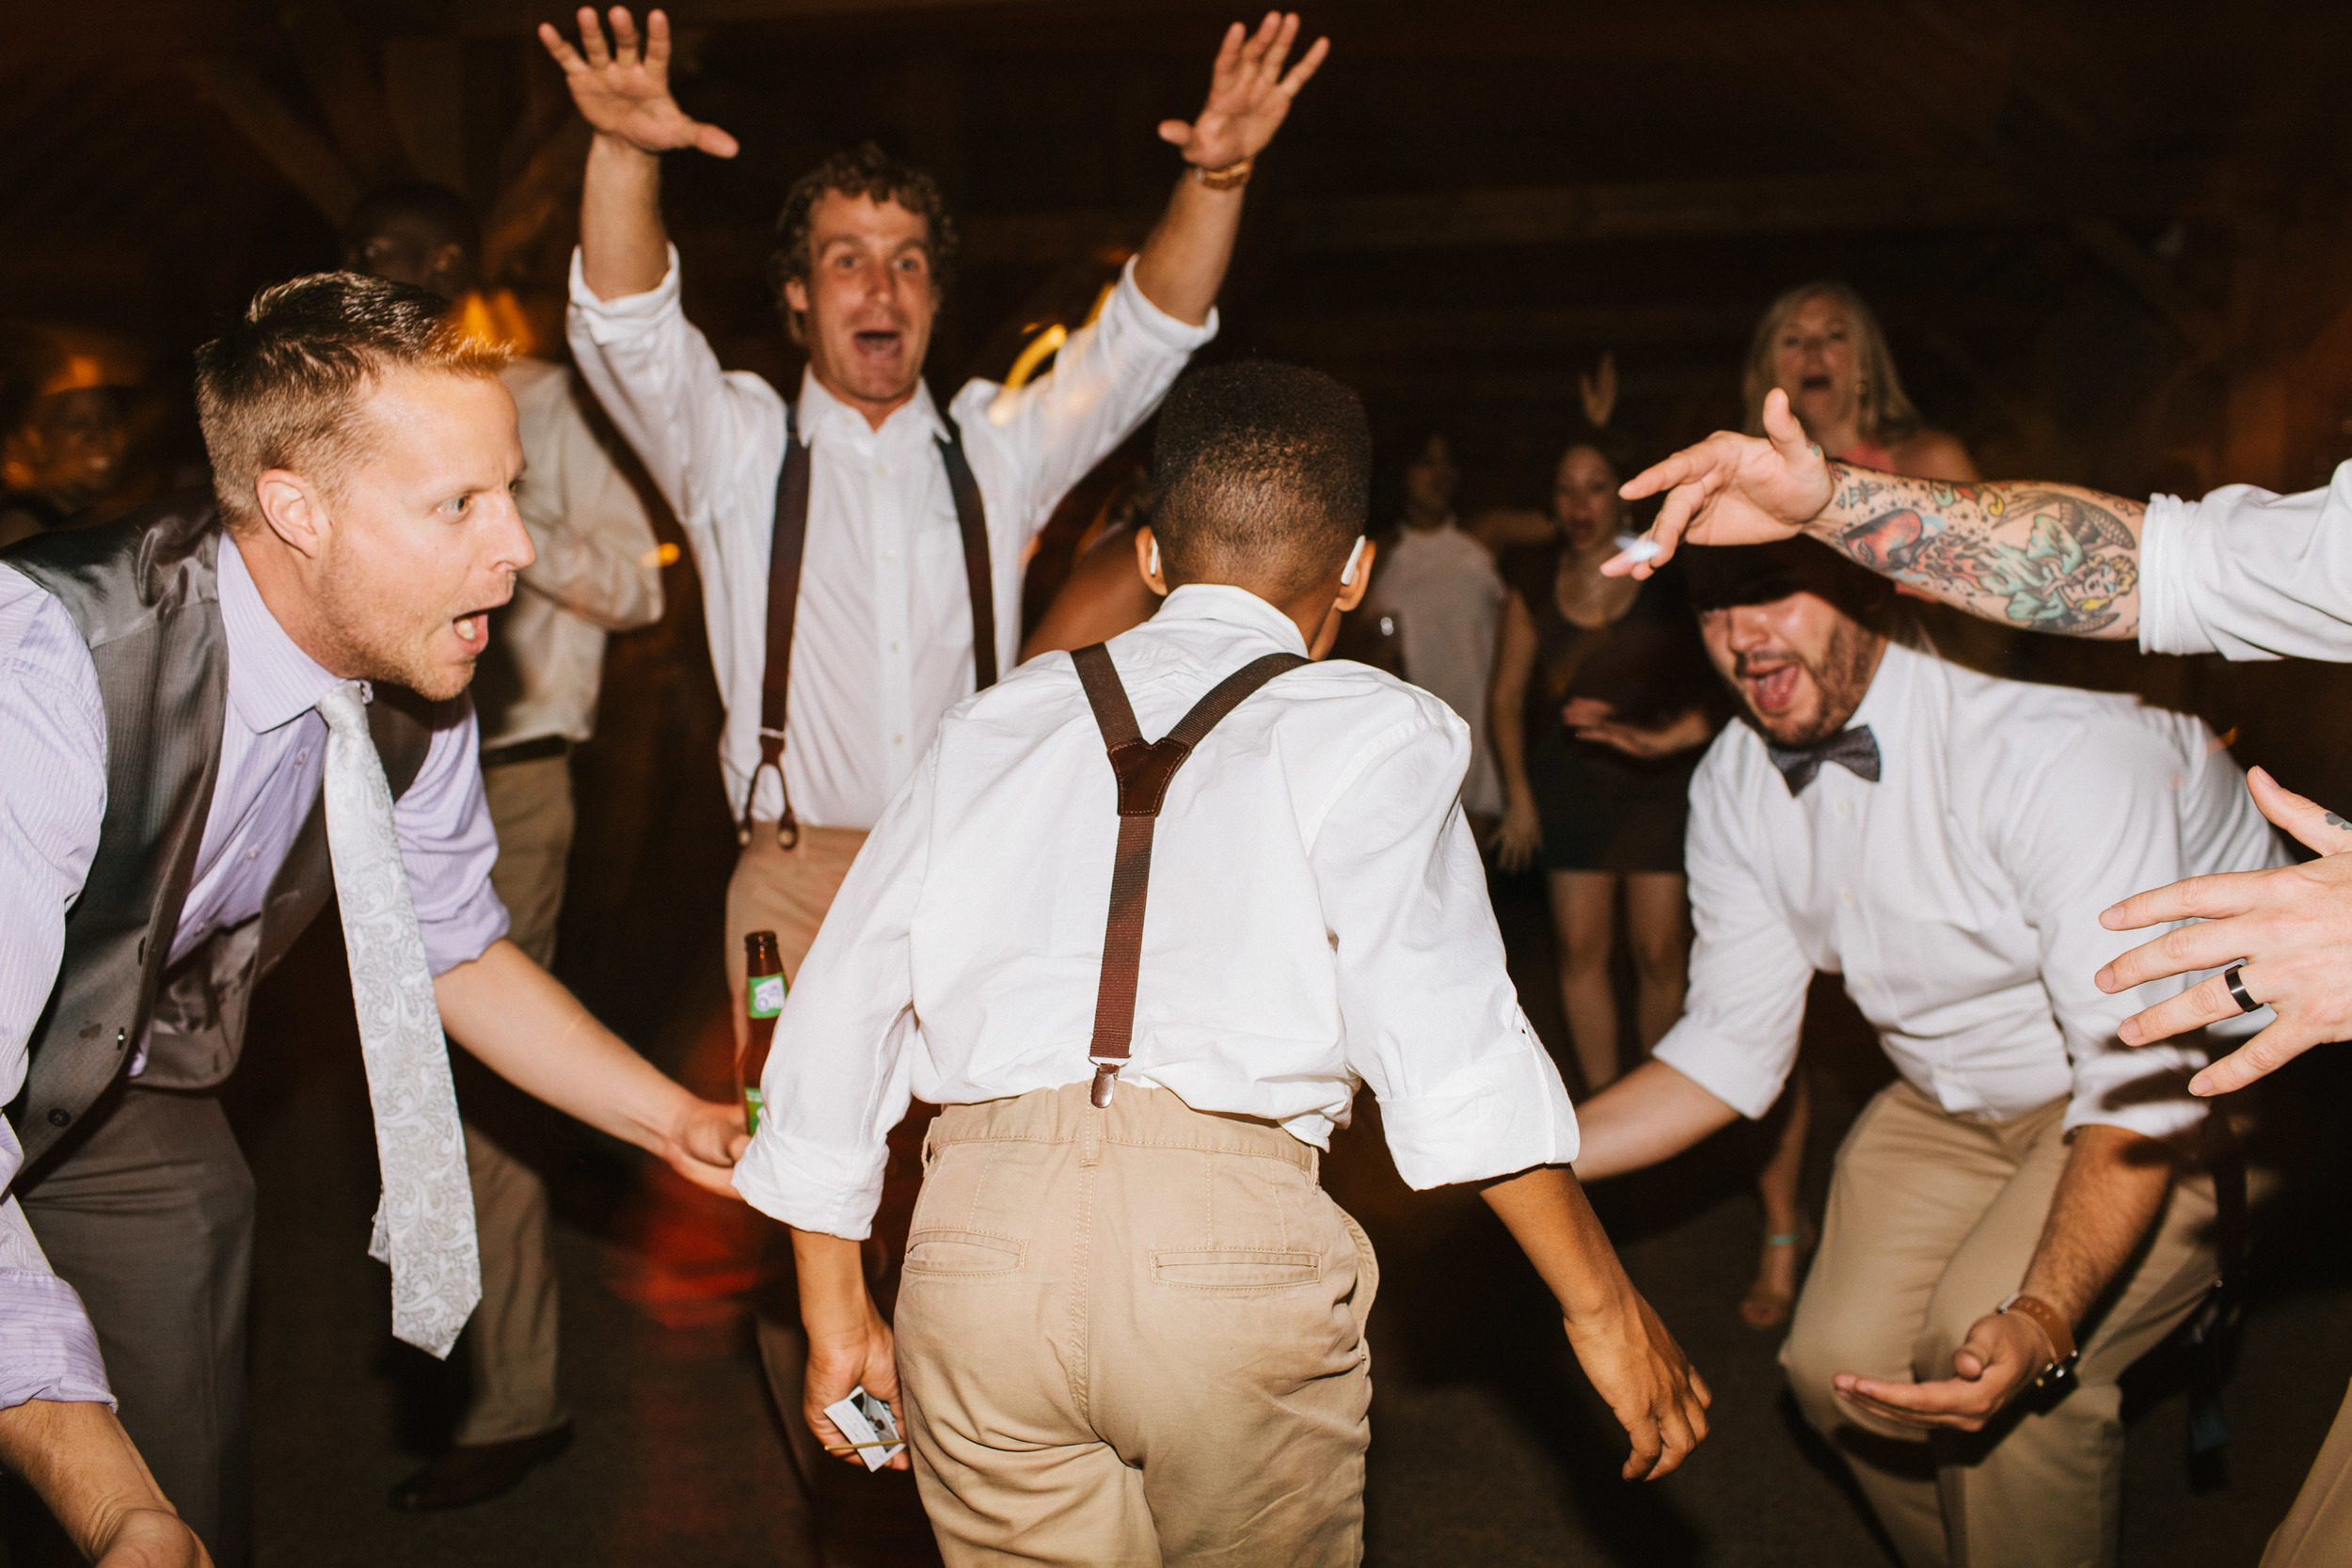 michael-rousseau-photography-shannae-ingleton-wedding-sean-craigleith-ski-club-wedding093.jpg